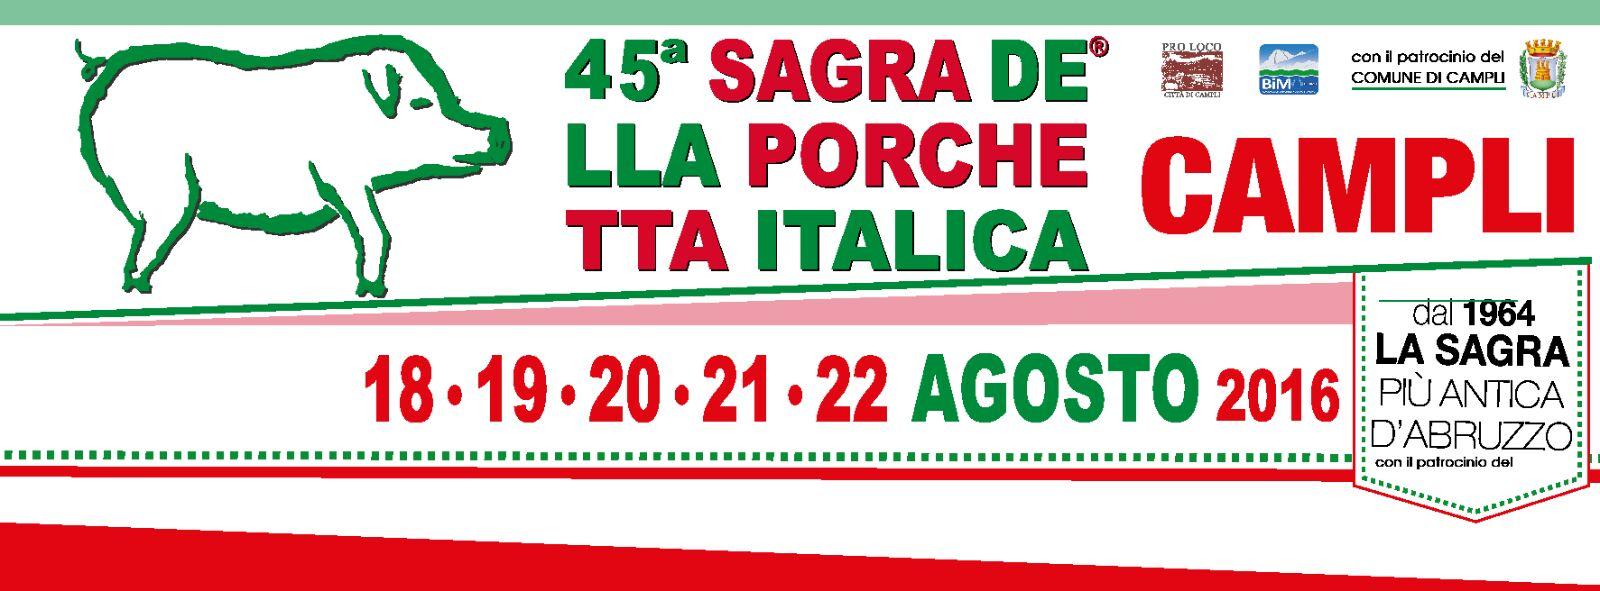 Banner Sagra Porchetta Italica Campli 2016